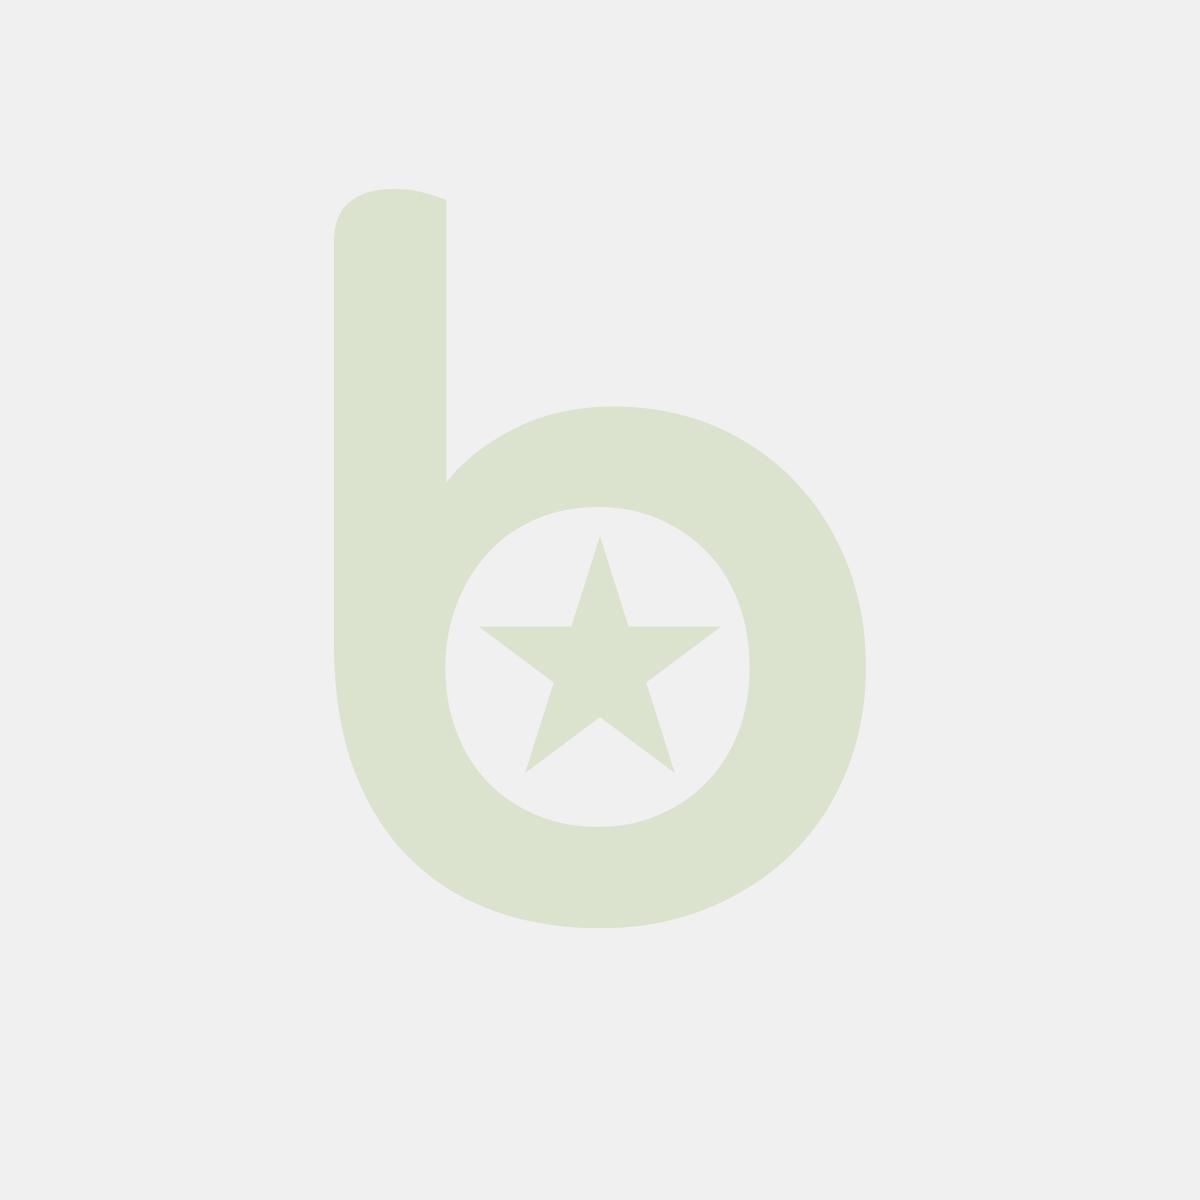 Kubek do sorbetu/granity/slush Płaski dekielek 400 ml/14oz zielony, cena za opakowanie 54szt